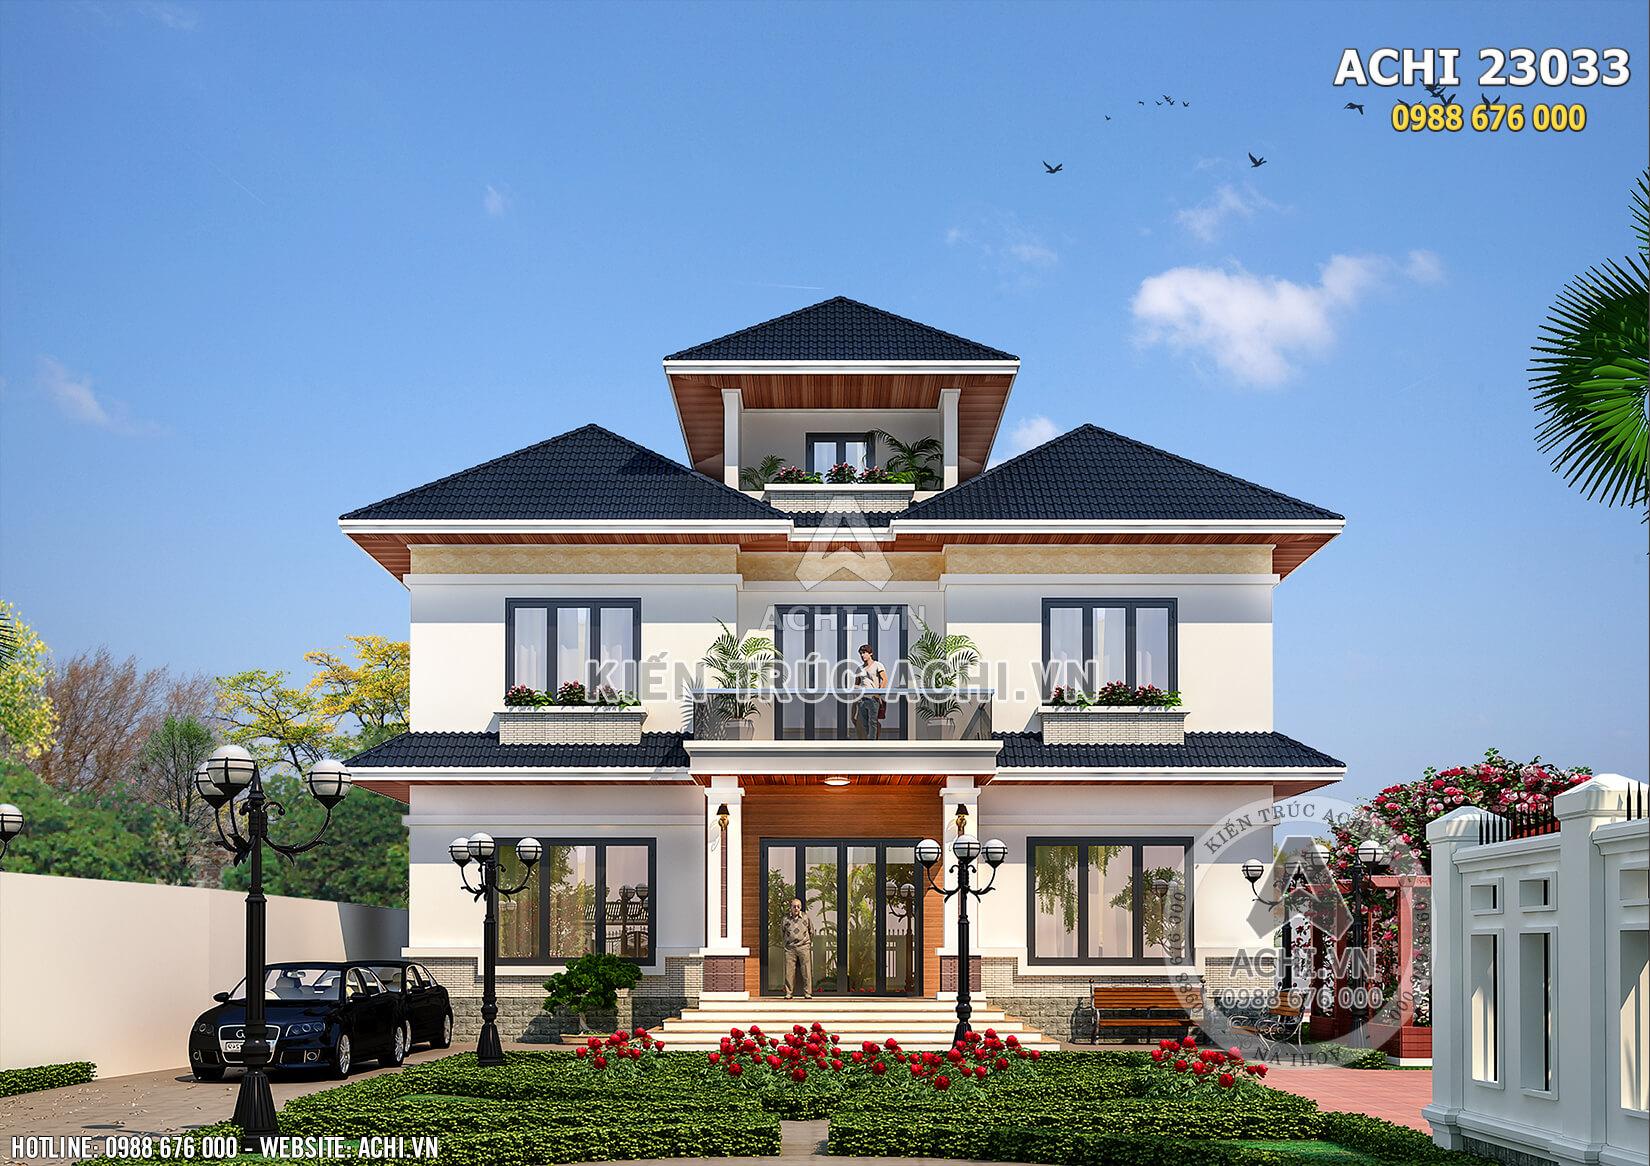 Không gian mặt tiền của mẫu biệt thự nhà vườn 2,5 tầng mái thái đẹp tại Hà Nội – Mã số: Achi23033